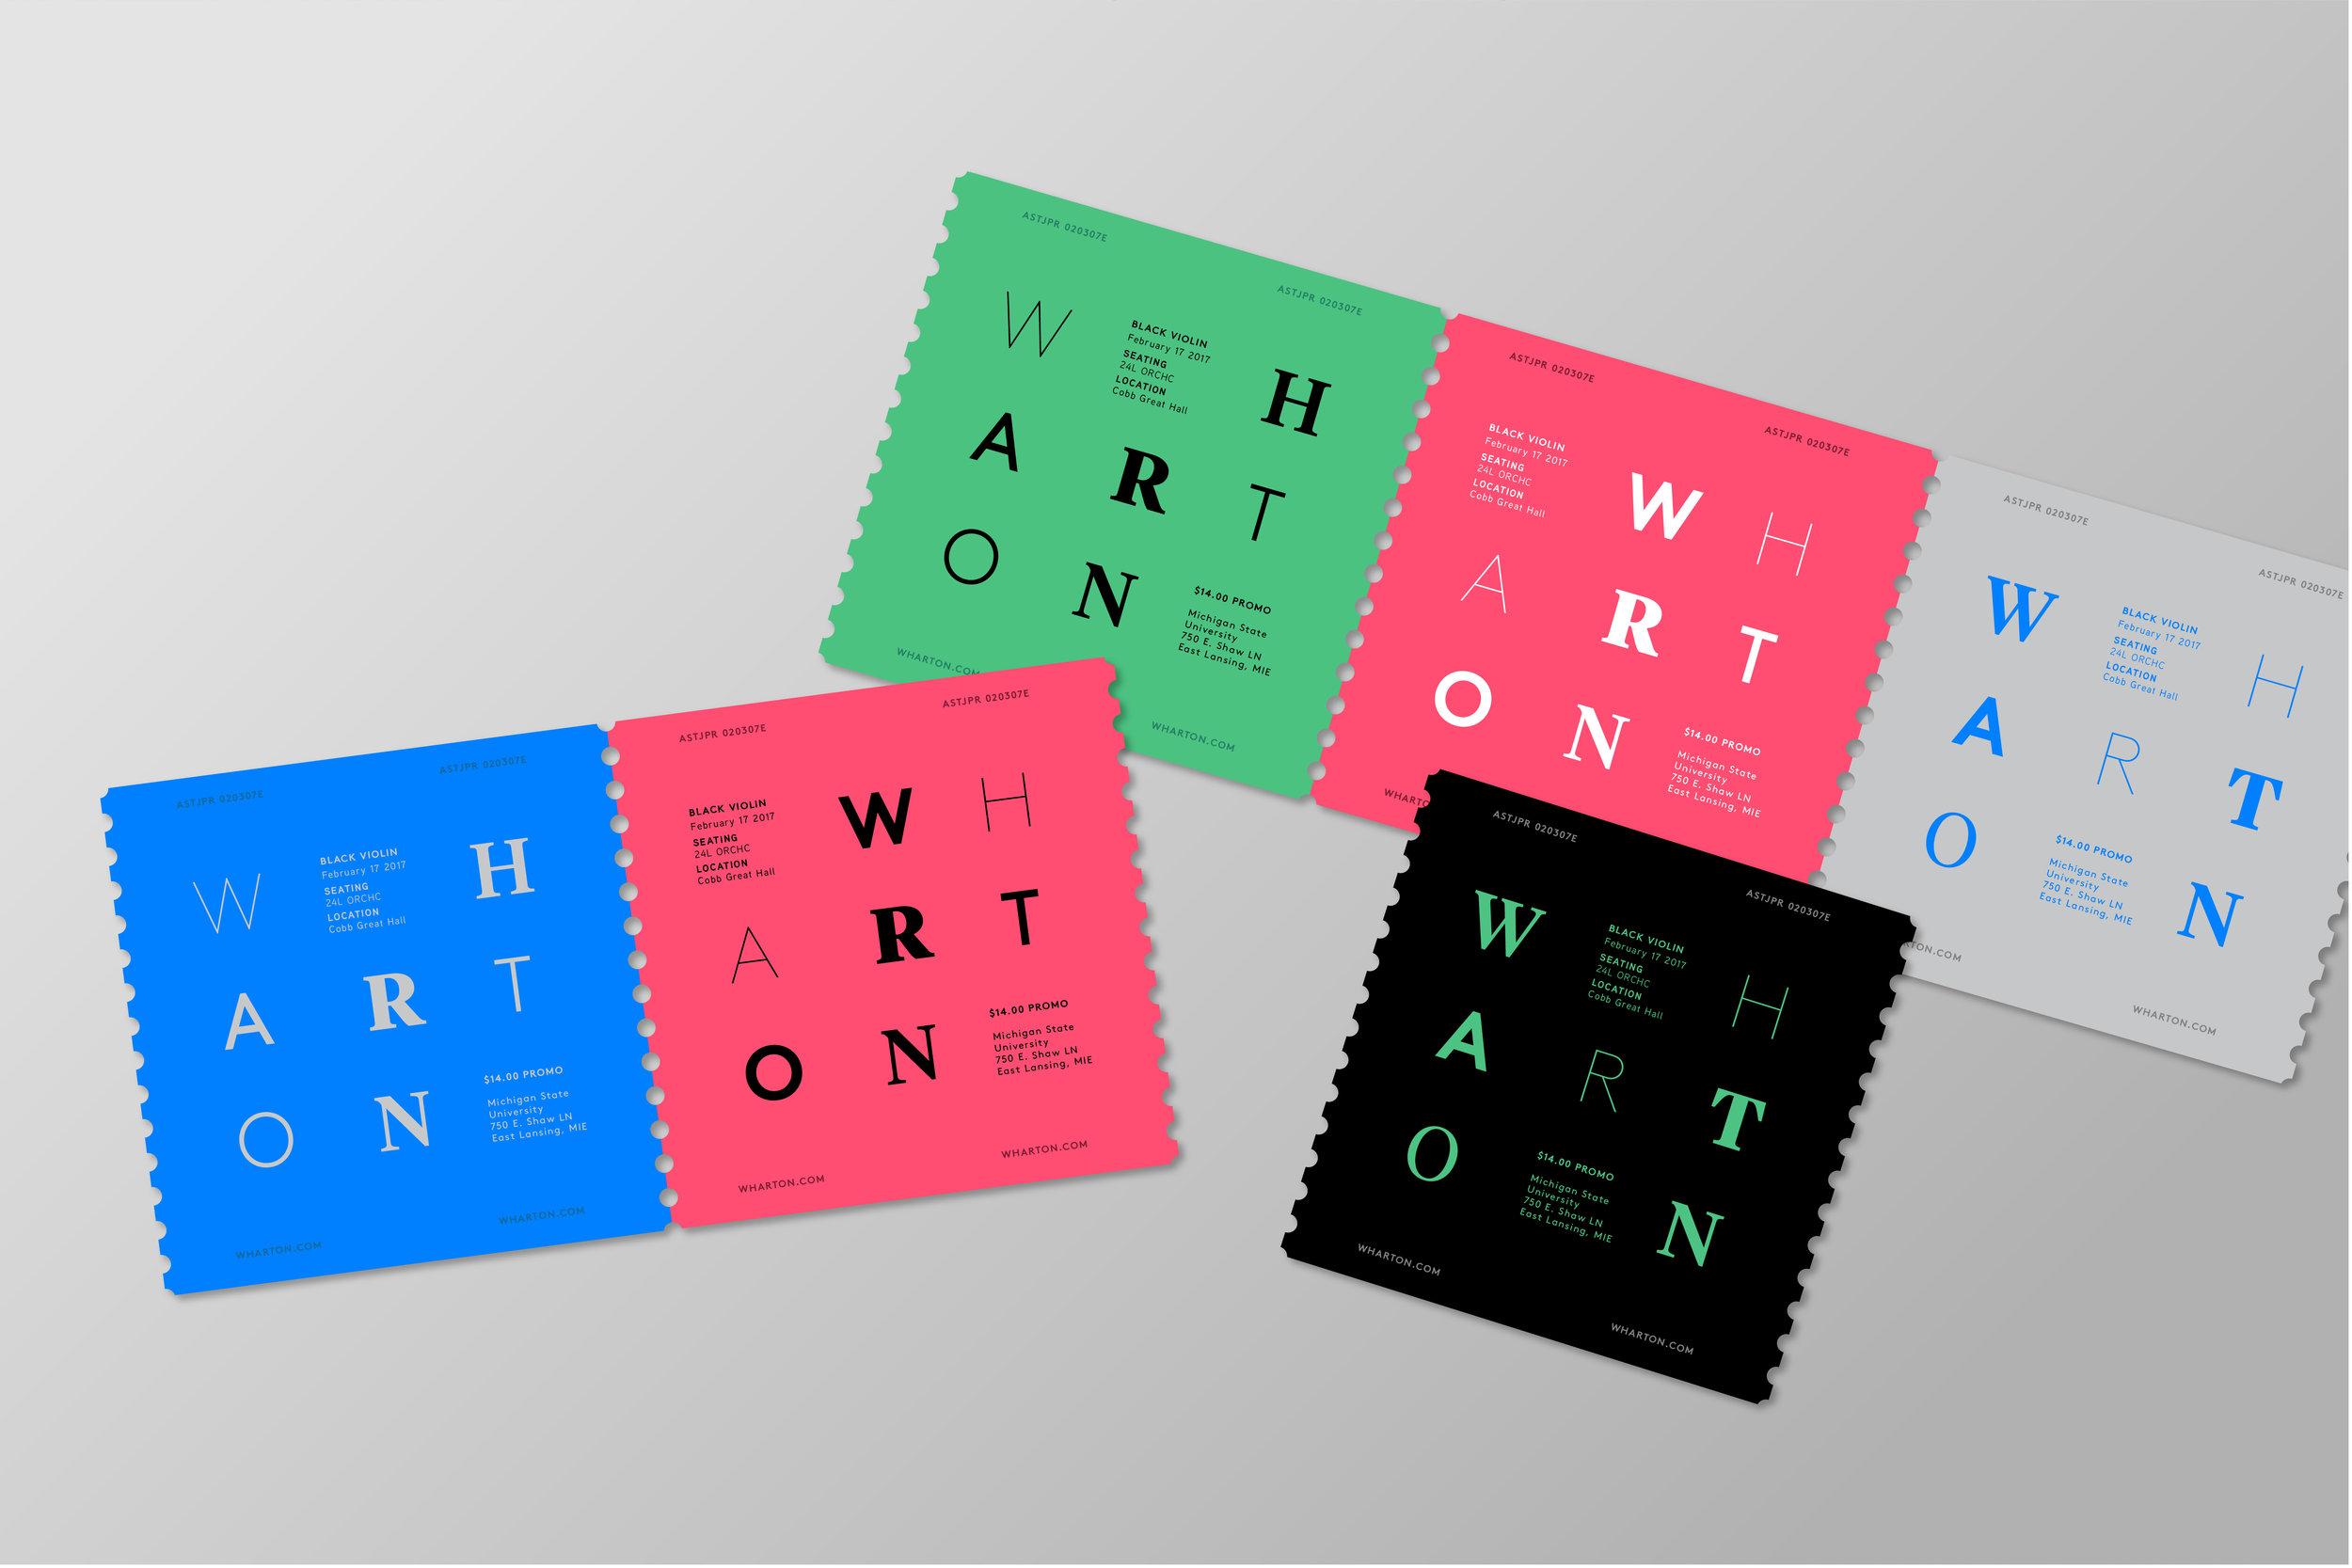 5. Wharton_CaseStudy-02.jpg